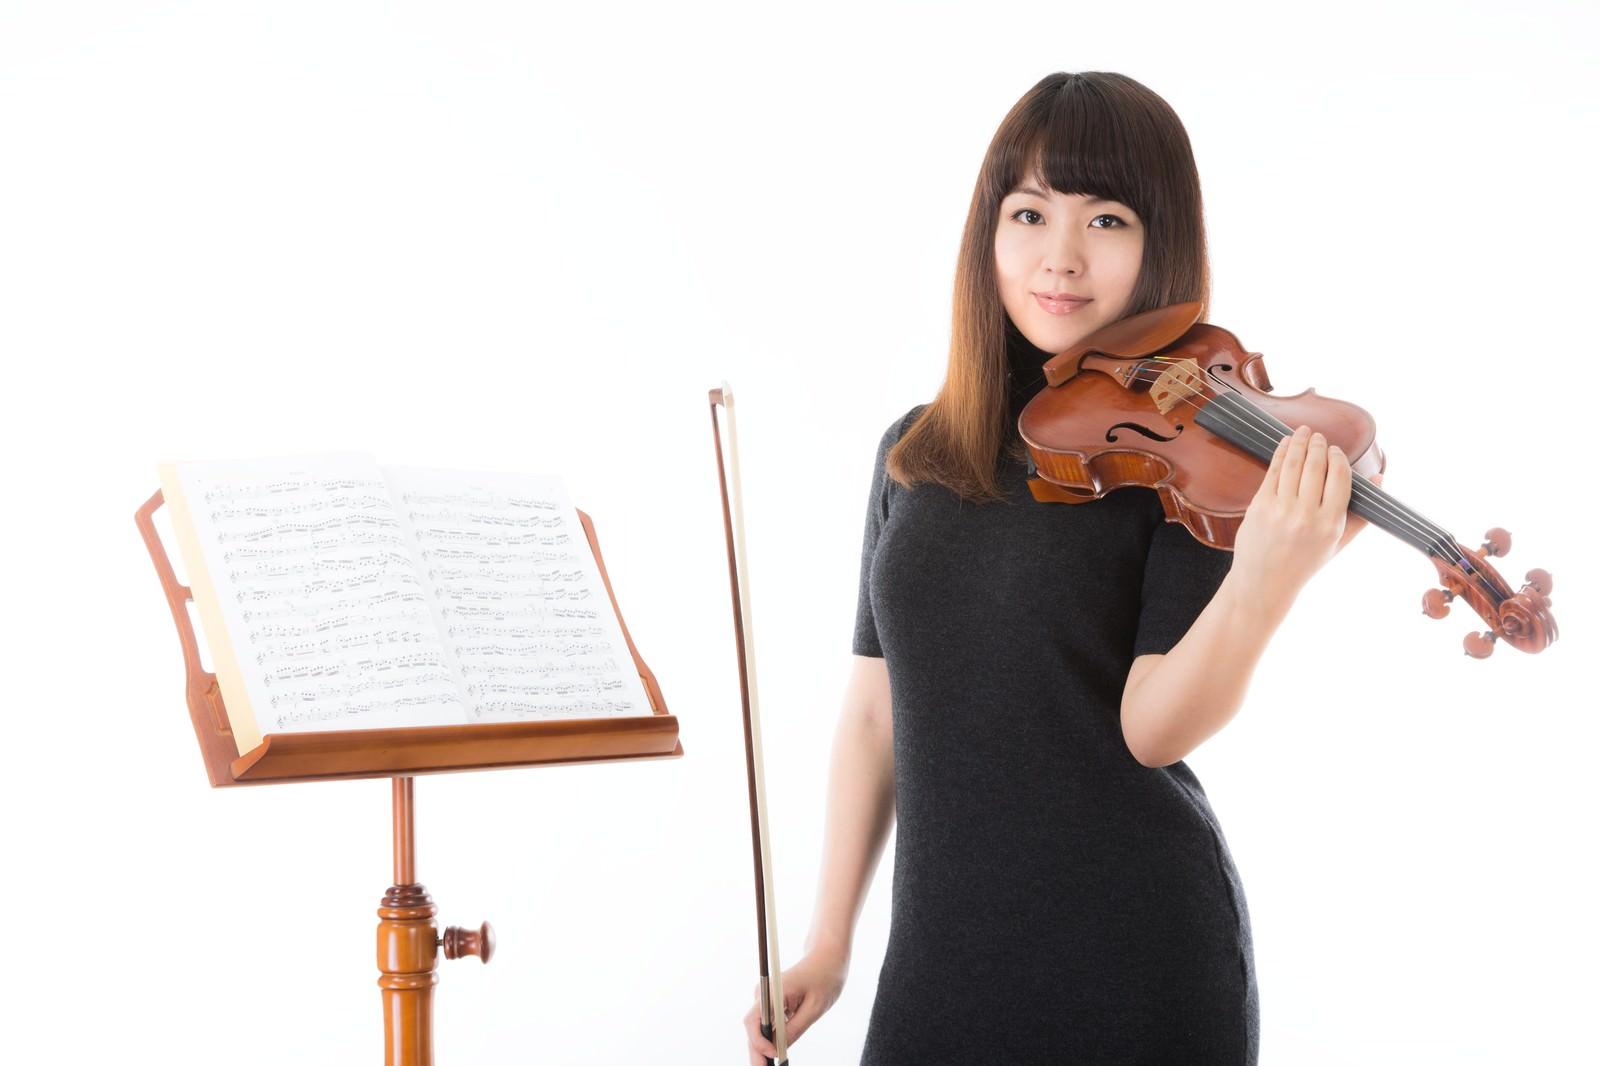 「優しいヴァイオリンの先生優しいヴァイオリンの先生」[モデル:yukiko]のフリー写真素材を拡大